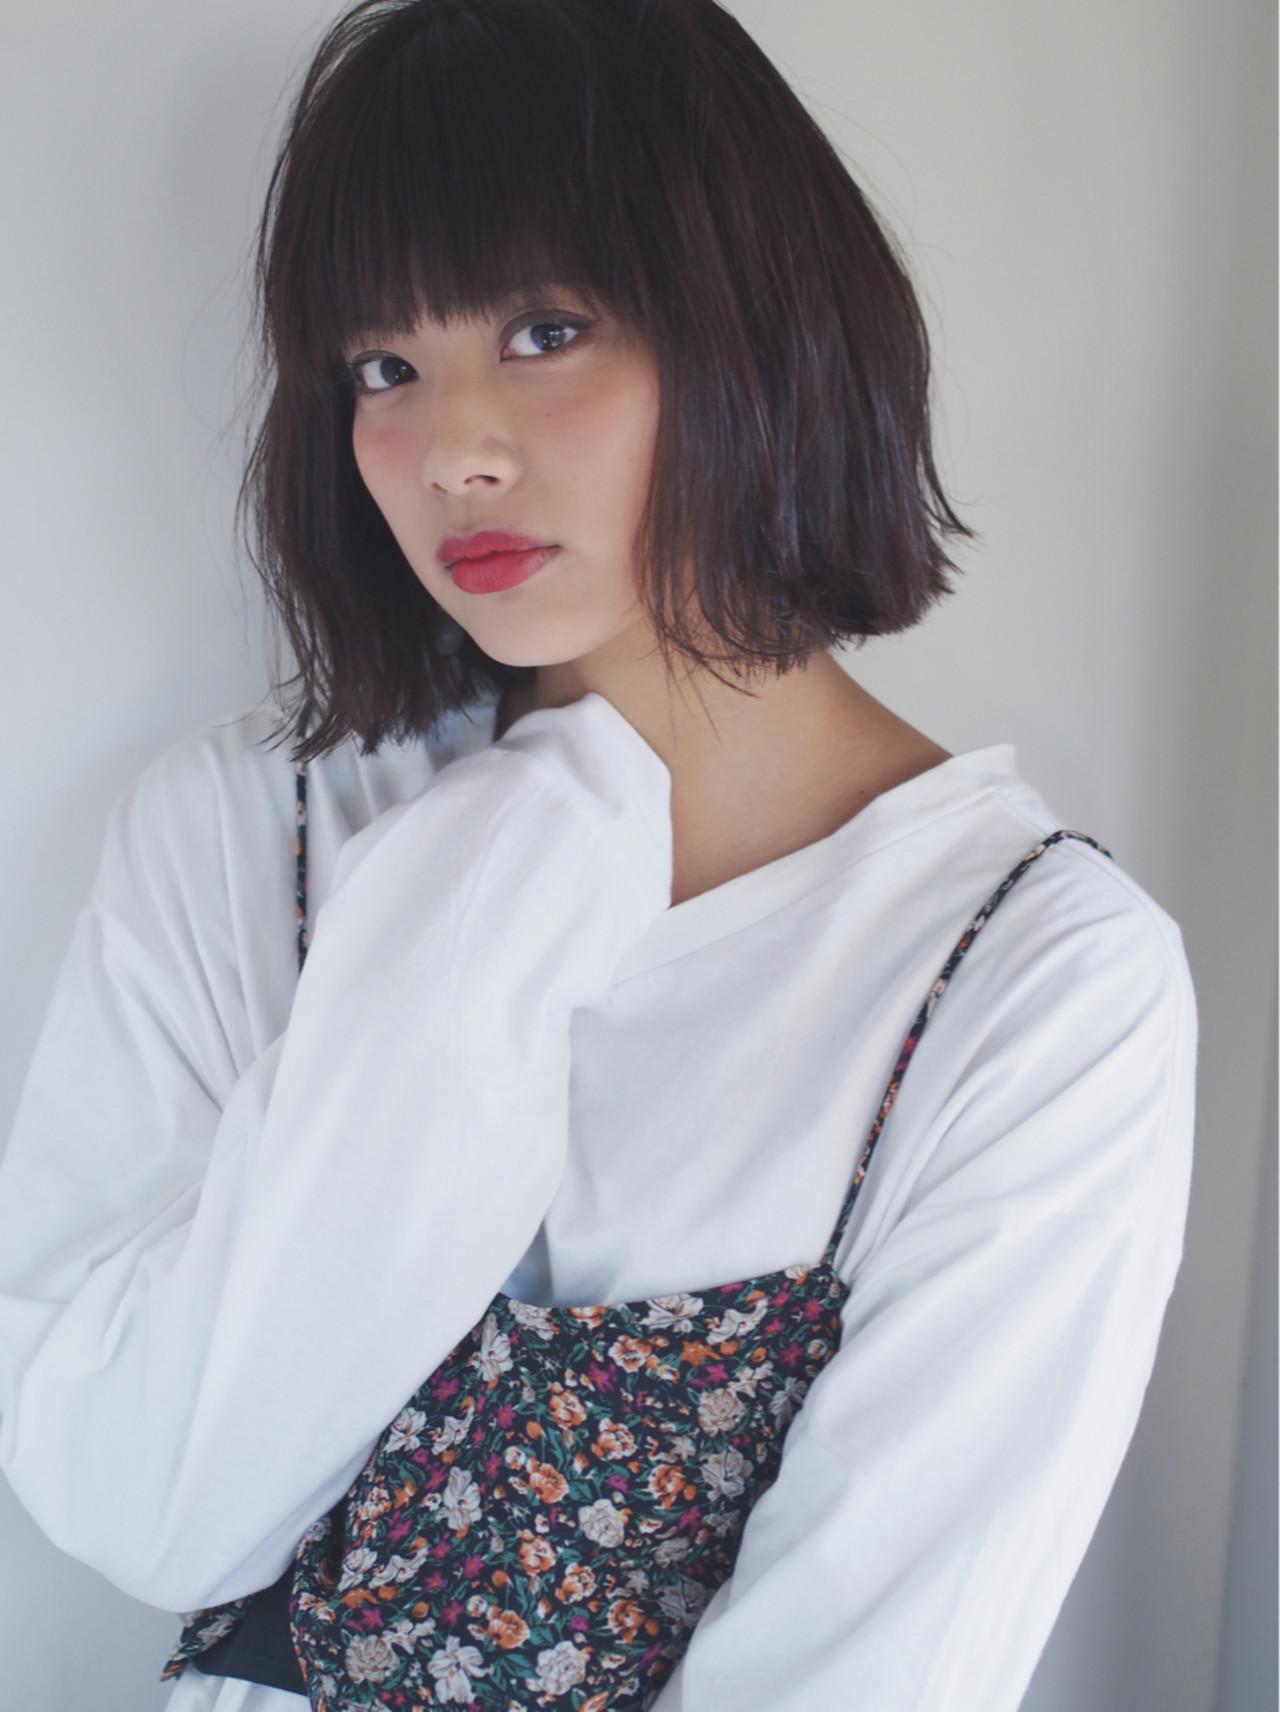 ナチュラル ゆるふわ 外国人風 前髪あり ヘアスタイルや髪型の写真・画像 | Natsuko Kodama 児玉奈都子 / dydi